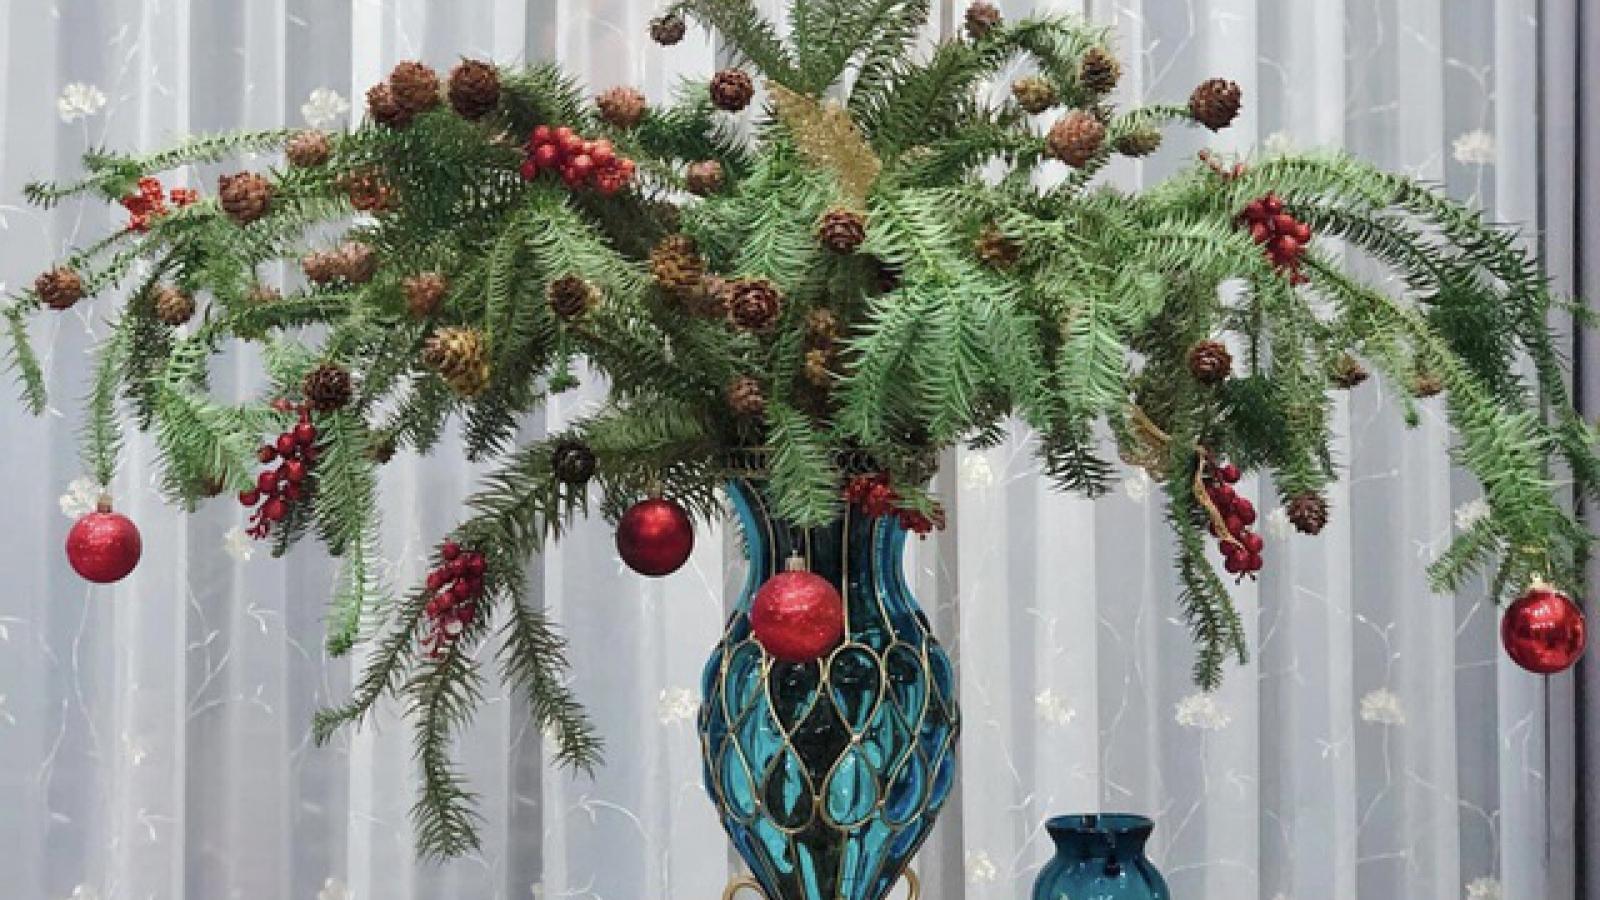 Chưa tới Noel người dân Hà Nội đã săn lùng thông tươi về cắm